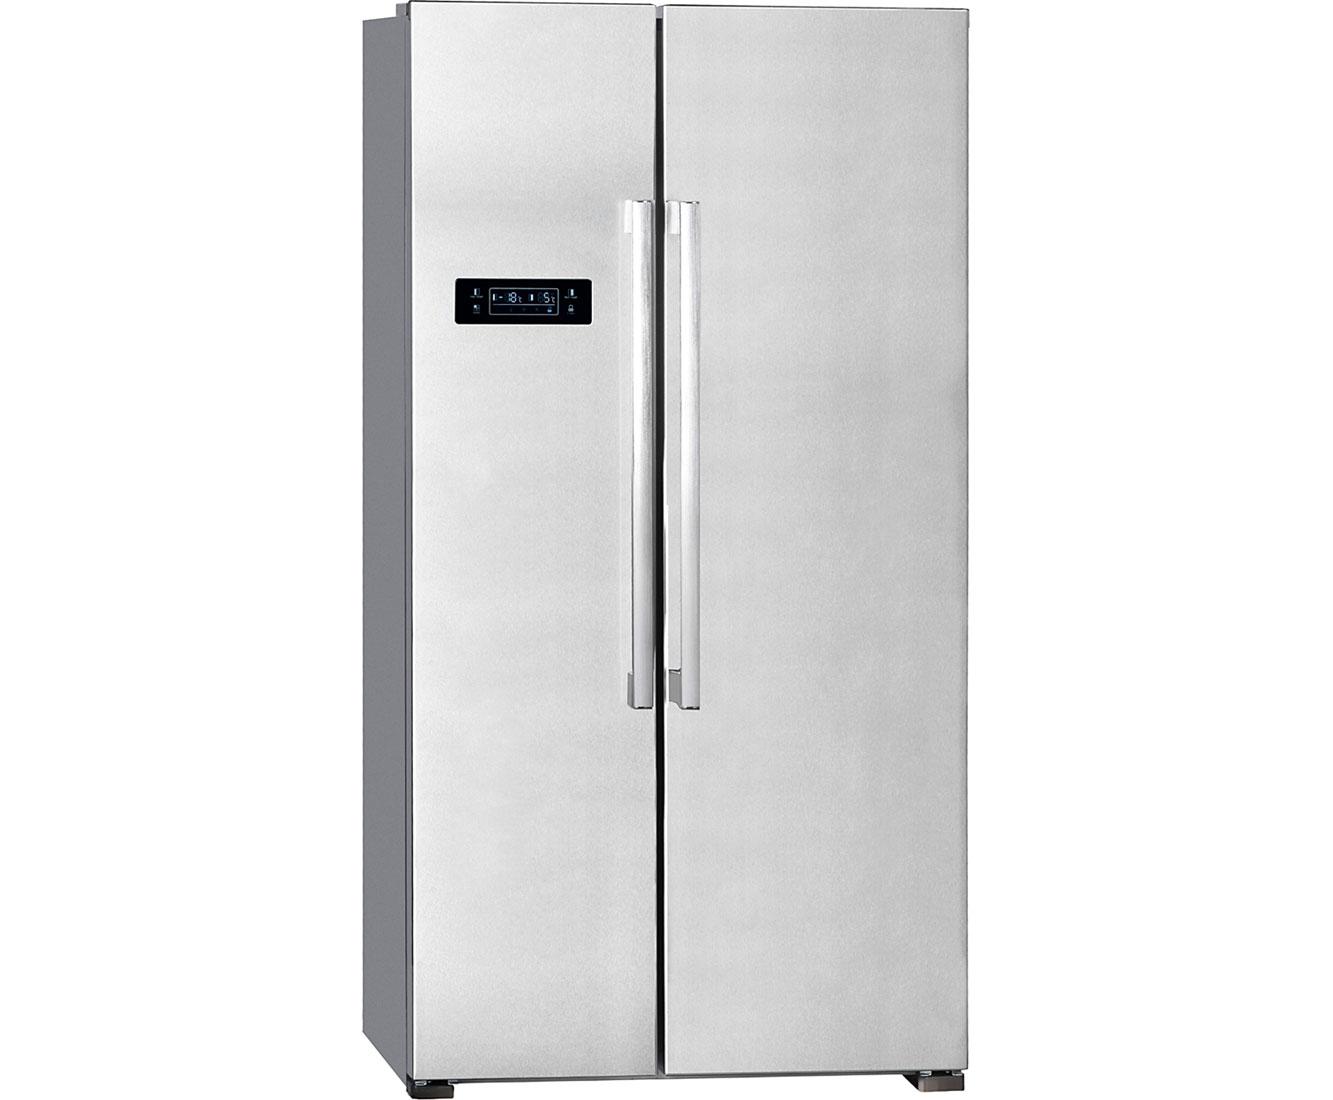 Amerikanischer Kühlschrank Freistehend : Exquisit sbs a amerikanischer side by side l